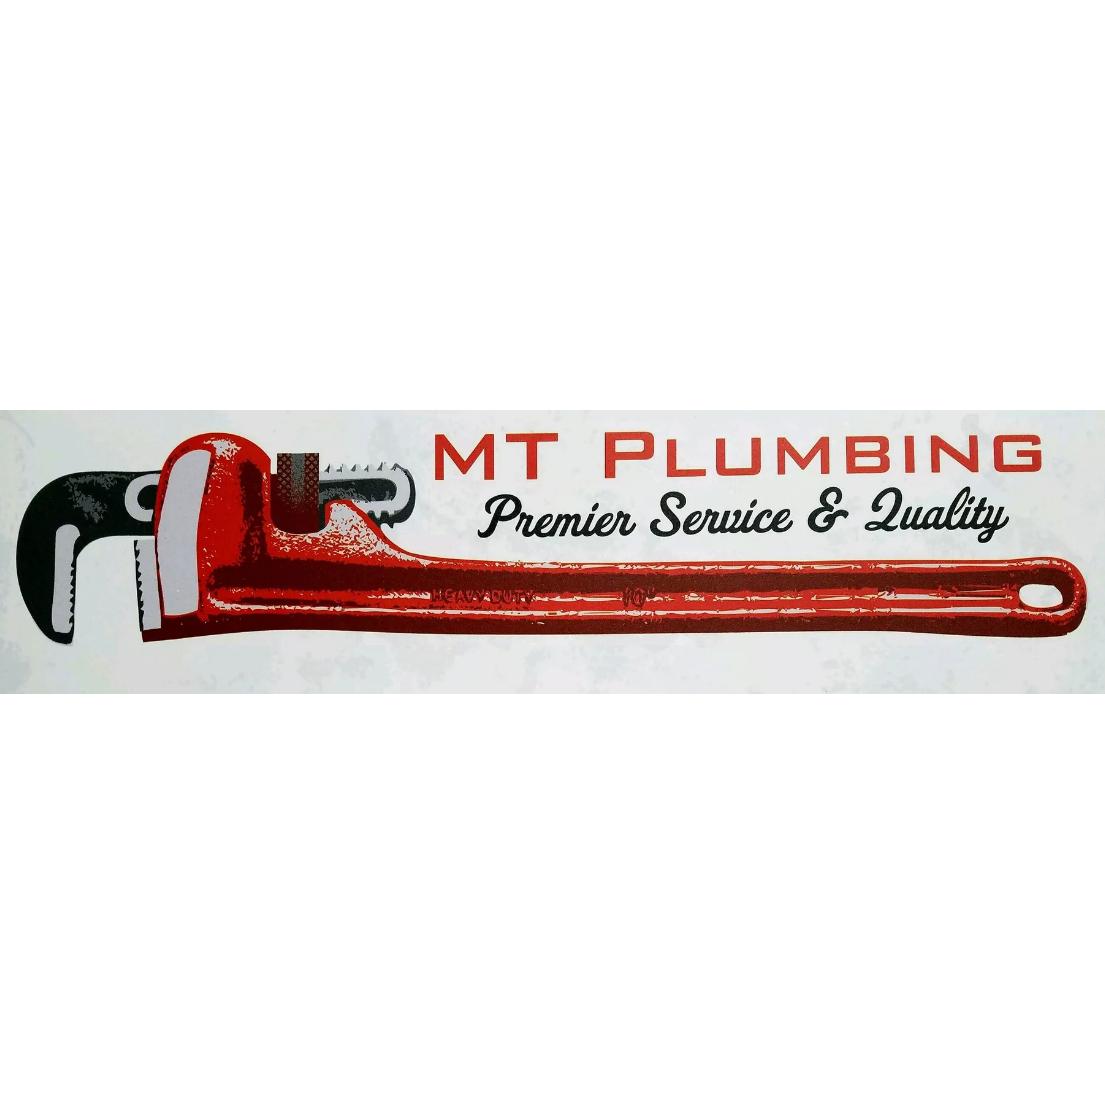 MT Plumbing